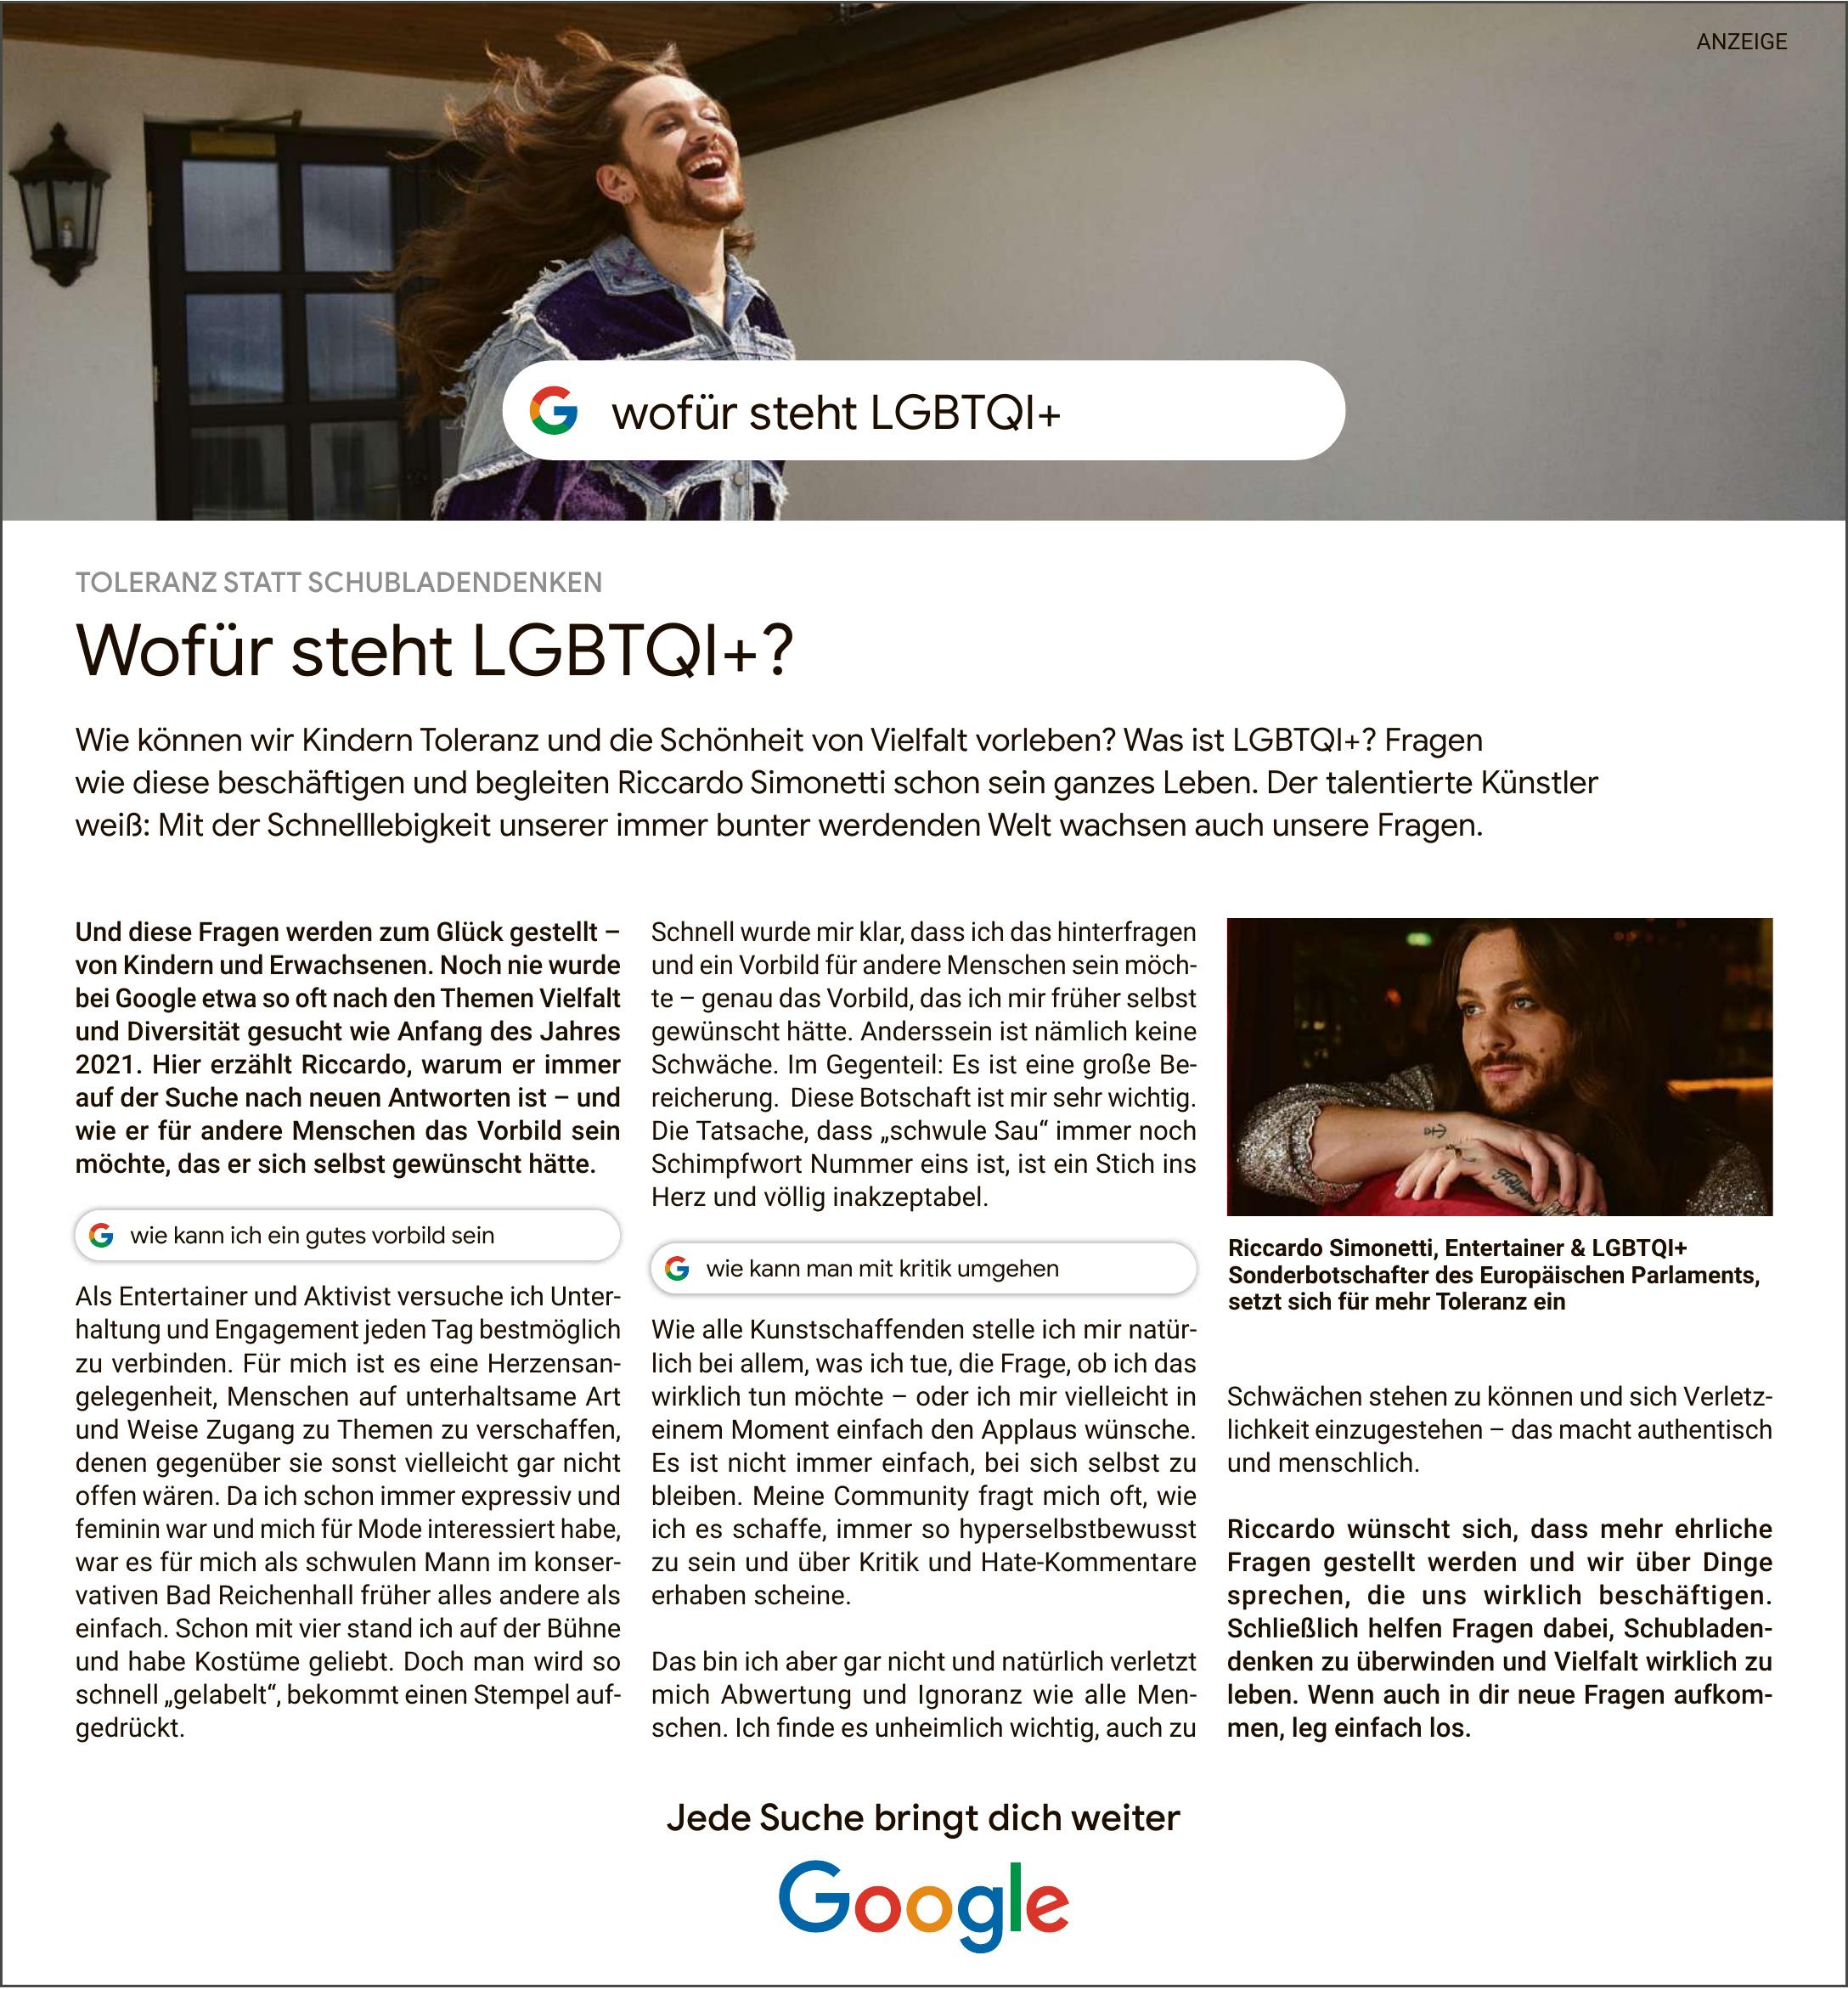 Wofür steht LGBTQI+?